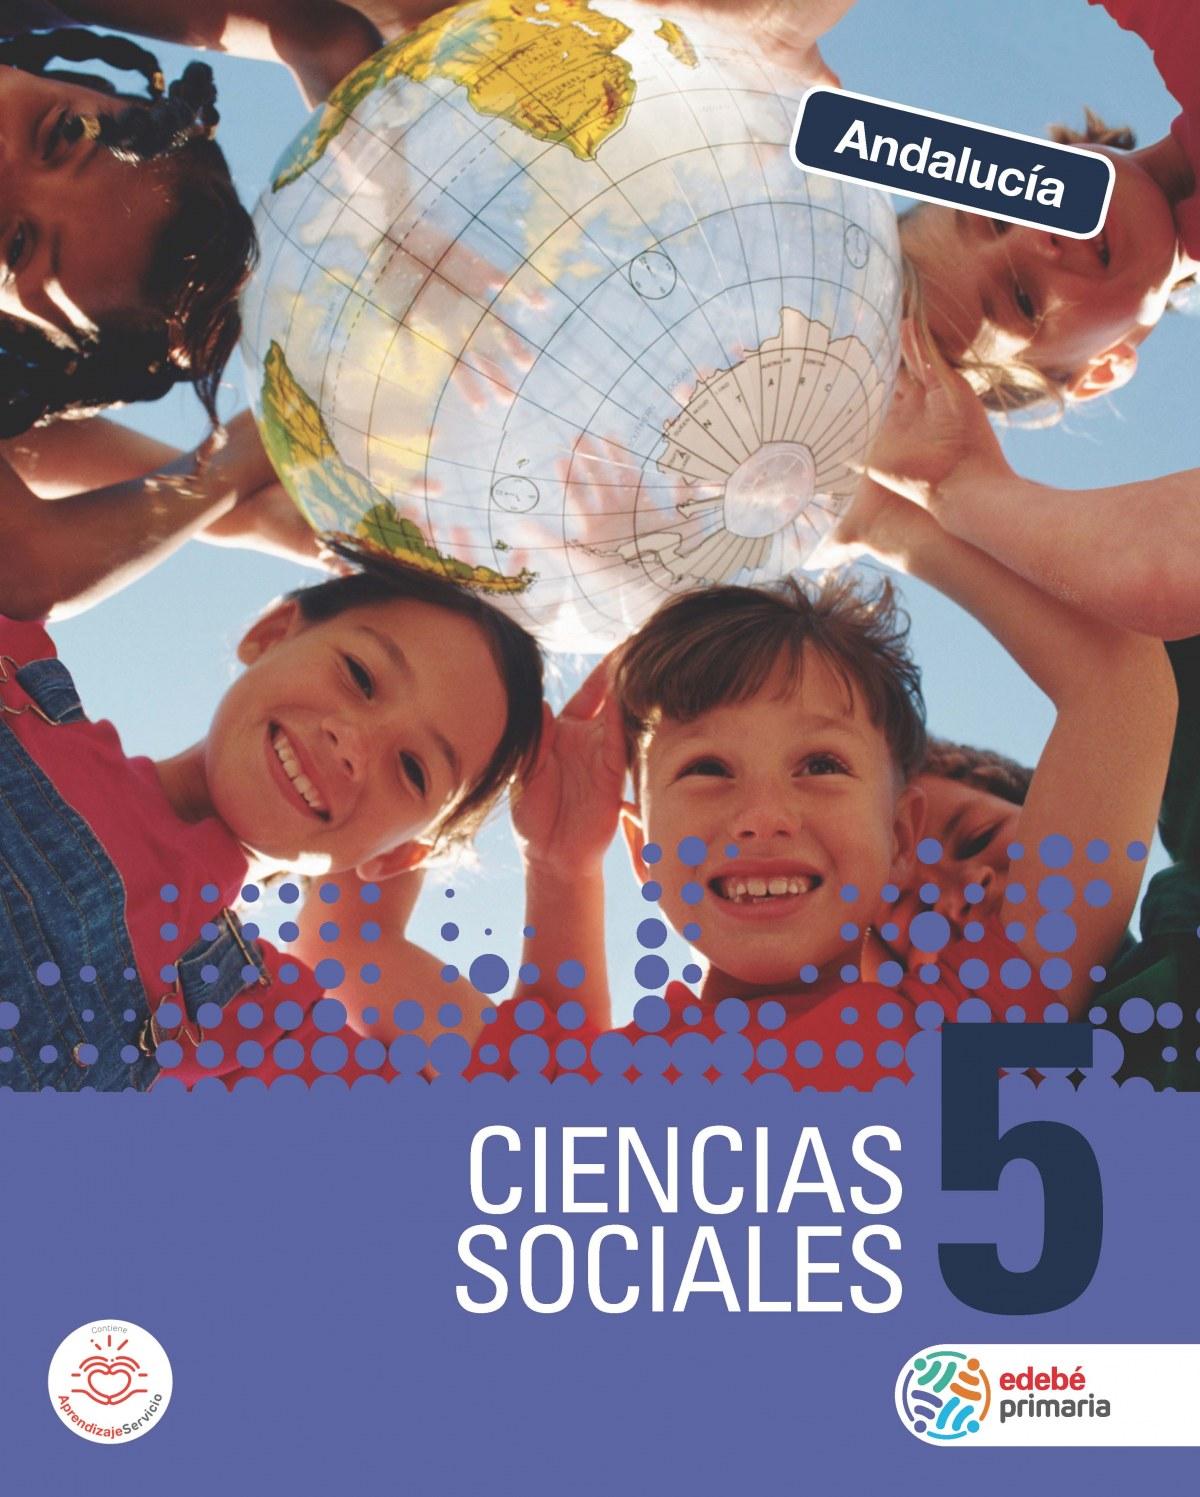 CIENCIAS SOCIALES 5ºPRIMARIA. ANDALUCÍA 2019